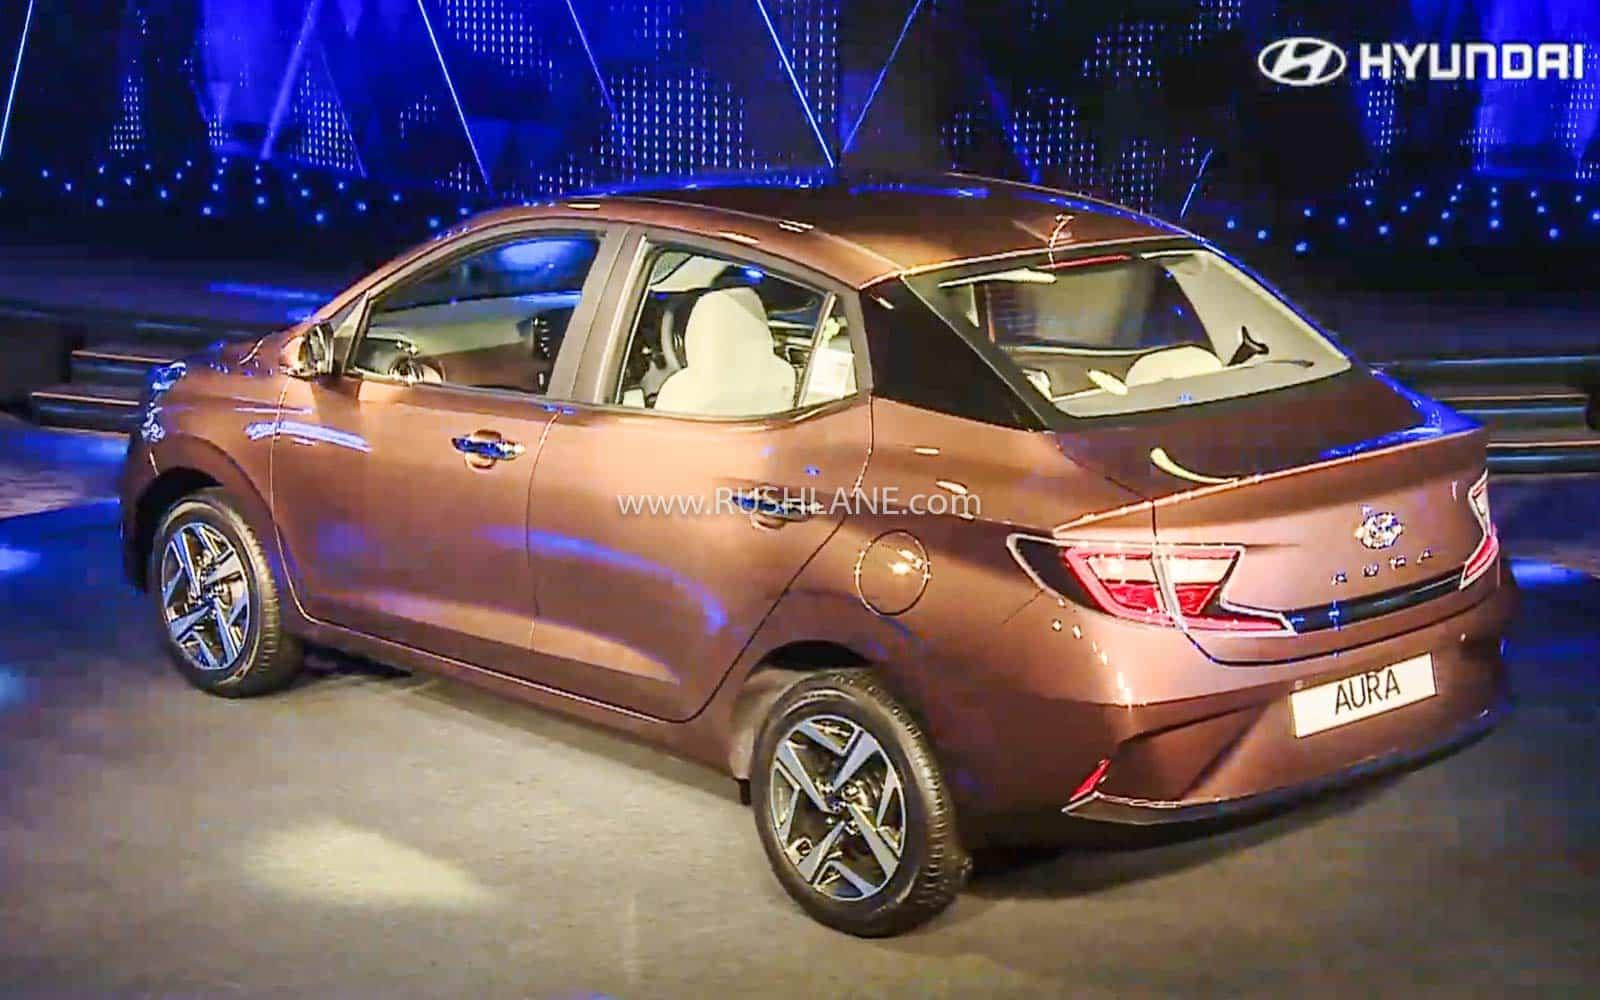 Hyundai Aura launch price